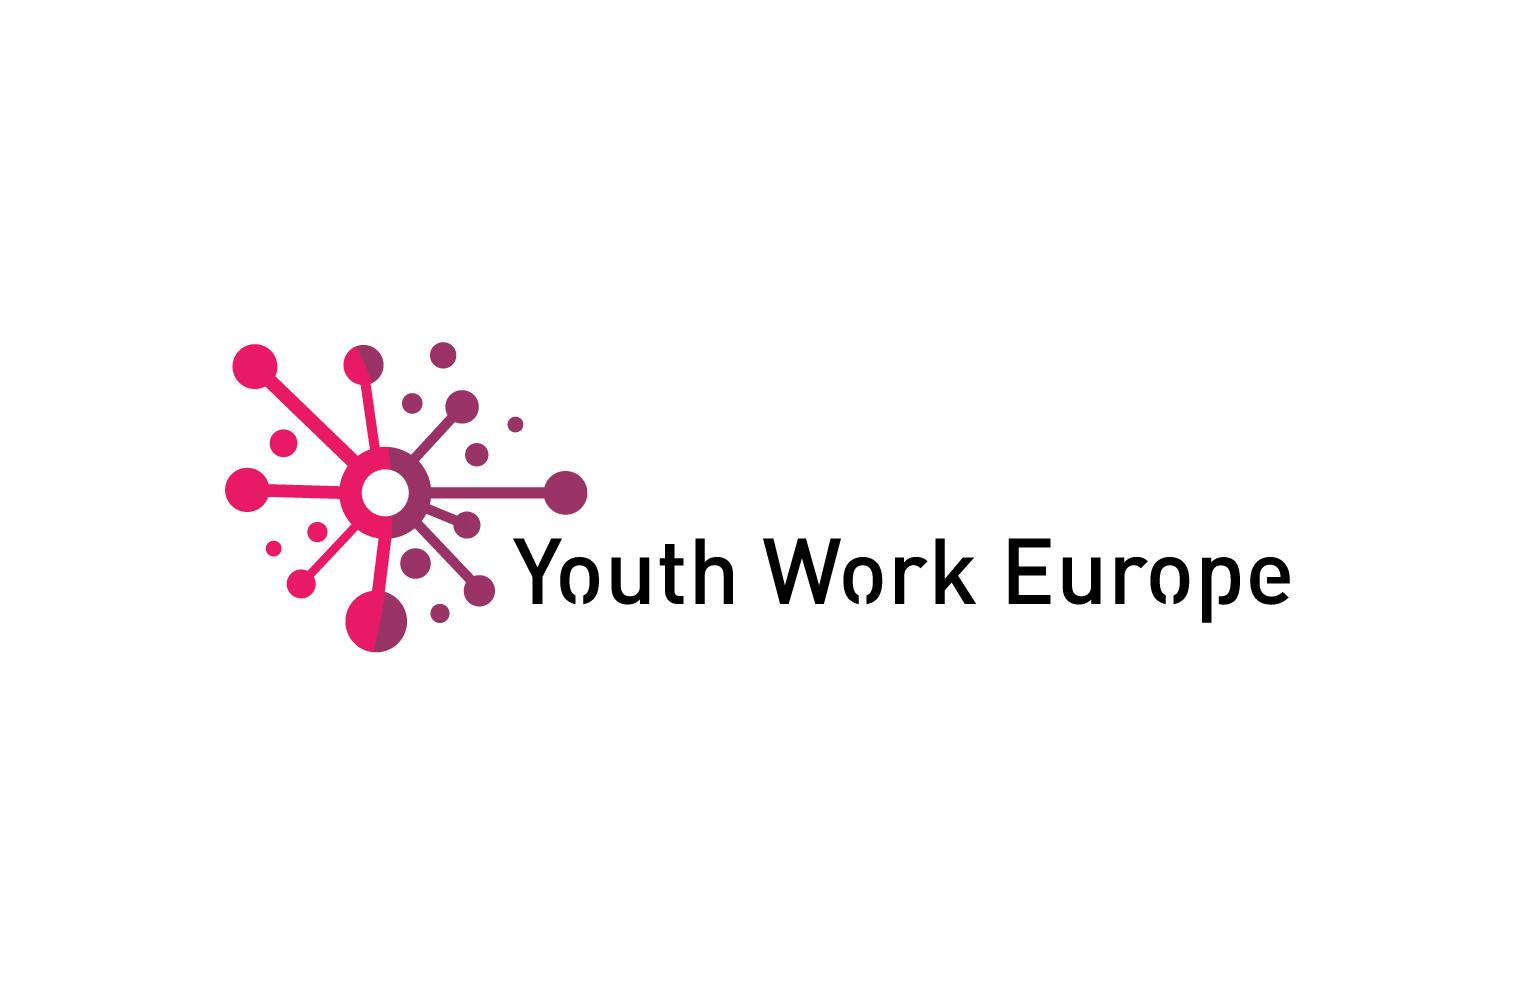 Logo Youth Work Europe